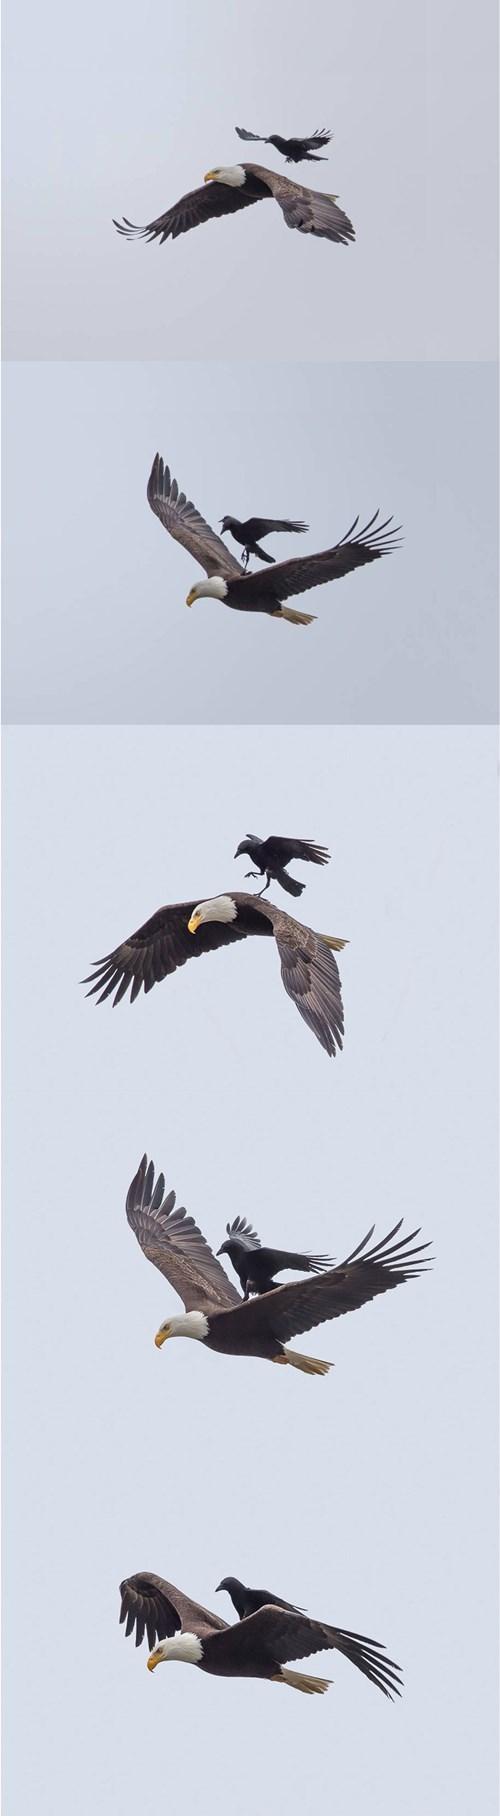 cuervo montado en águila